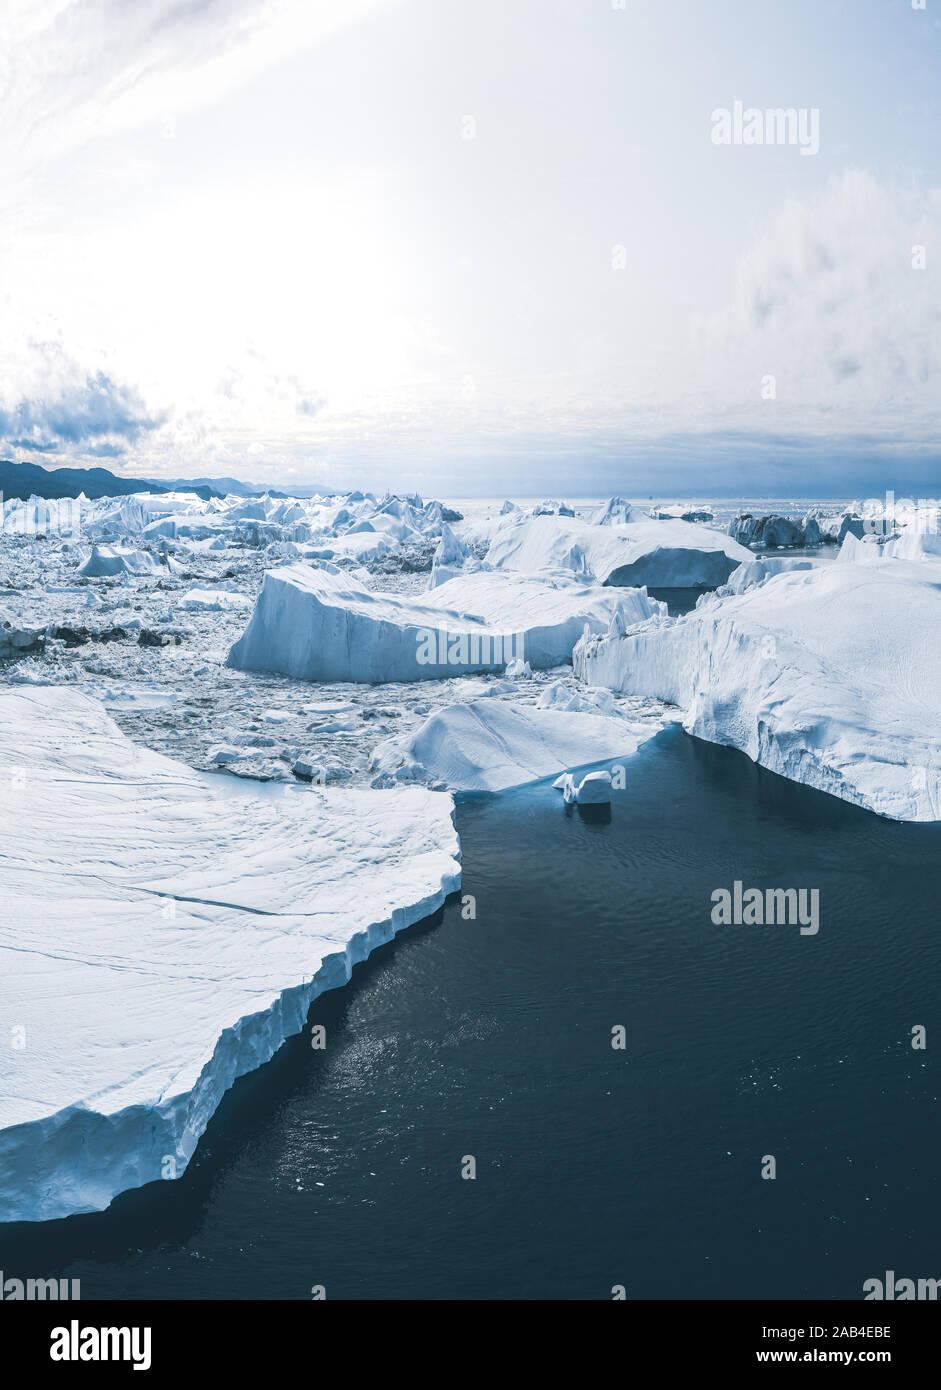 Iceberg et la glace de glacier en nature paysage arctique à Ilulissat, Groenland. Drone aérien photo d'icebergs à Ilulissat. Touchés par Banque D'Images